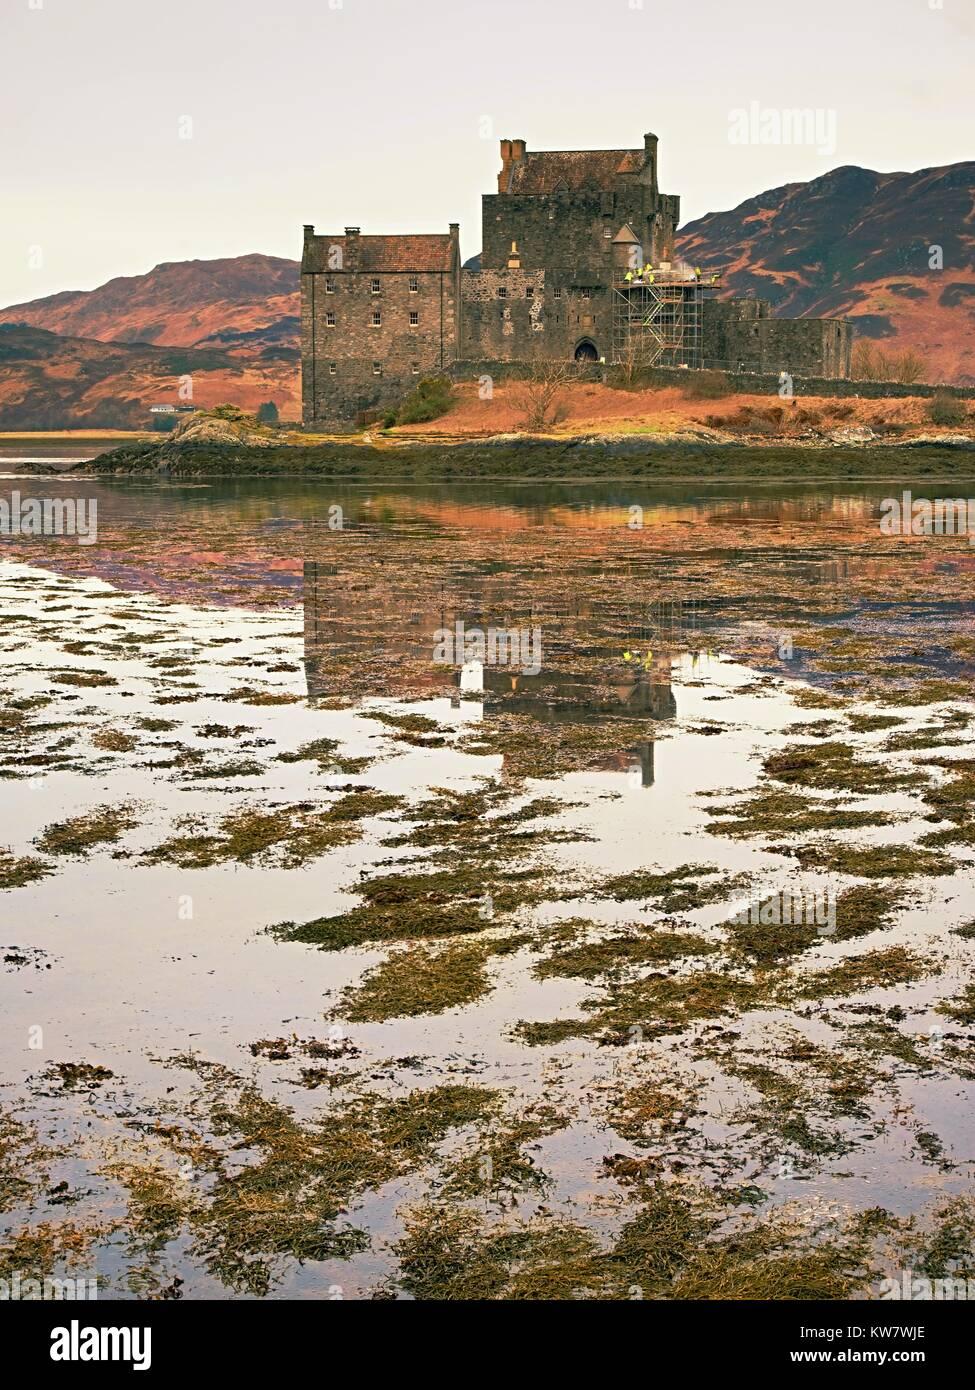 Marées dans le lac au château Eilean Donan, Ecosse. Le célèbre pont de pierre sur les restes Photo Stock